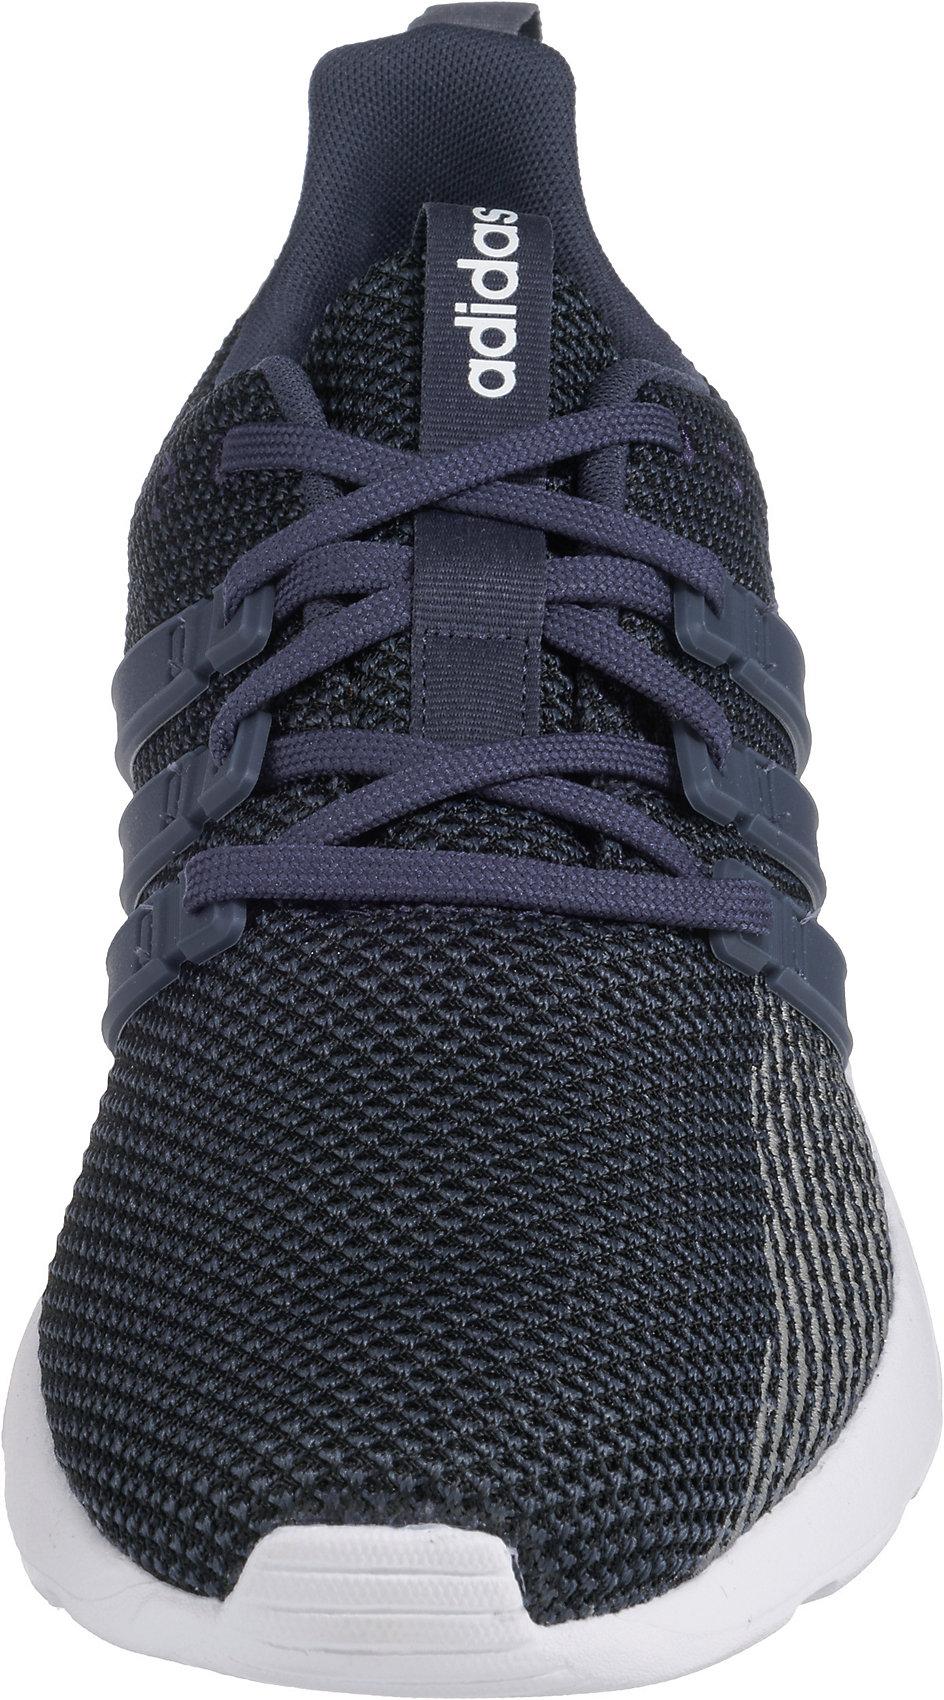 Details zu Neu adidas Sport Inspired Questar Flow Sneakers Low 10413479 für Herren